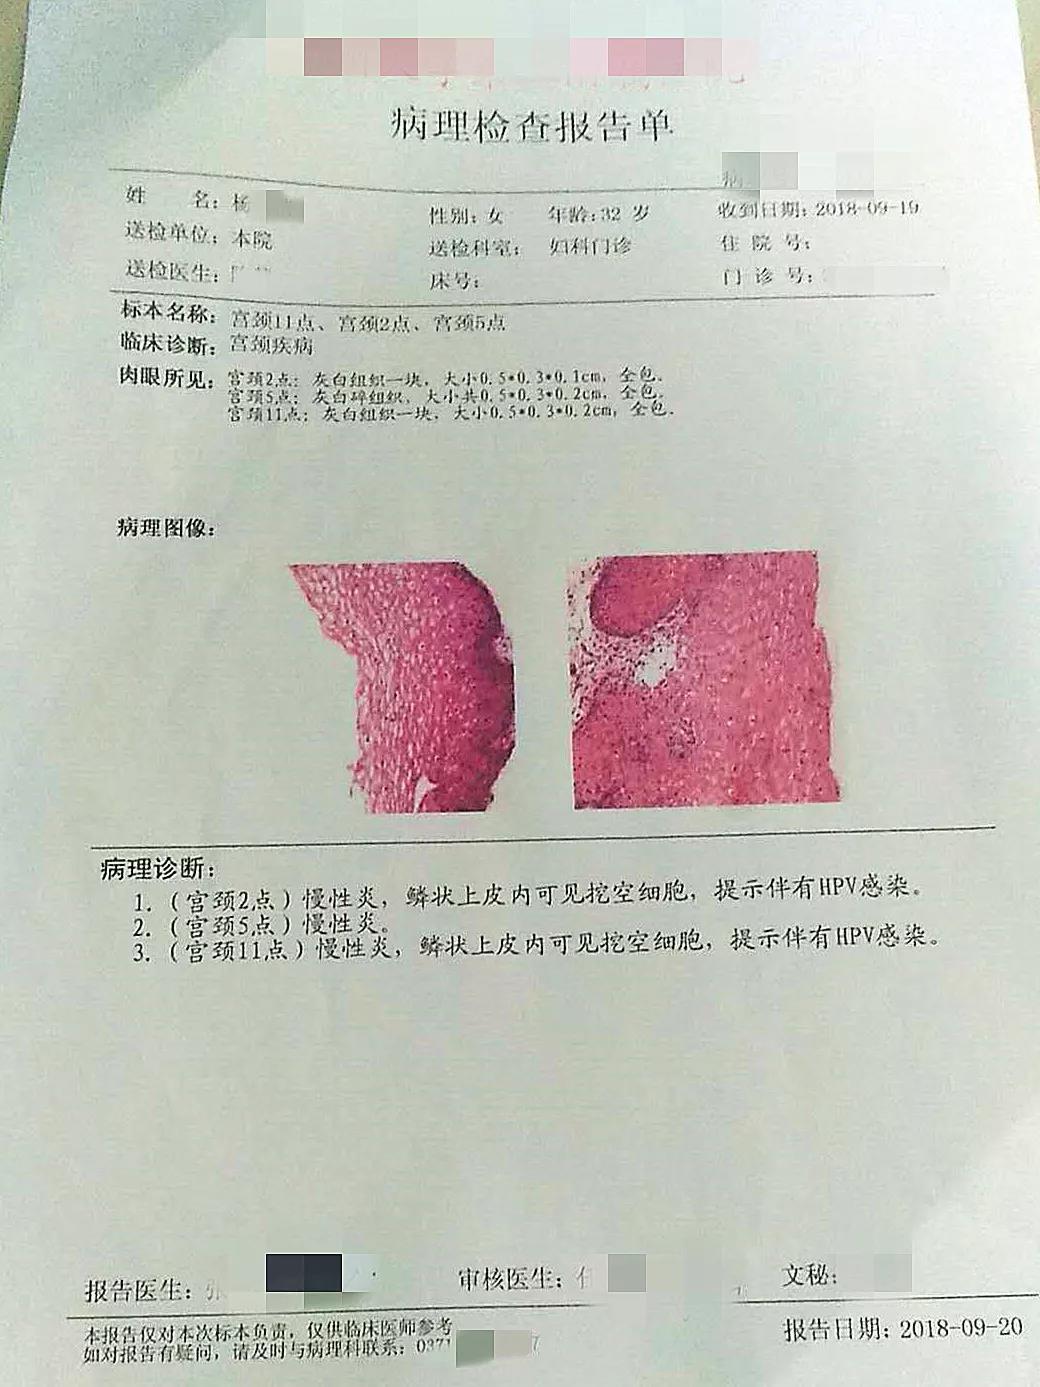 慢性宫颈炎hpv感染_红卡清除HPV逆转宫颈病变,高危型16阳性,一个疗程转阴,患者 ...